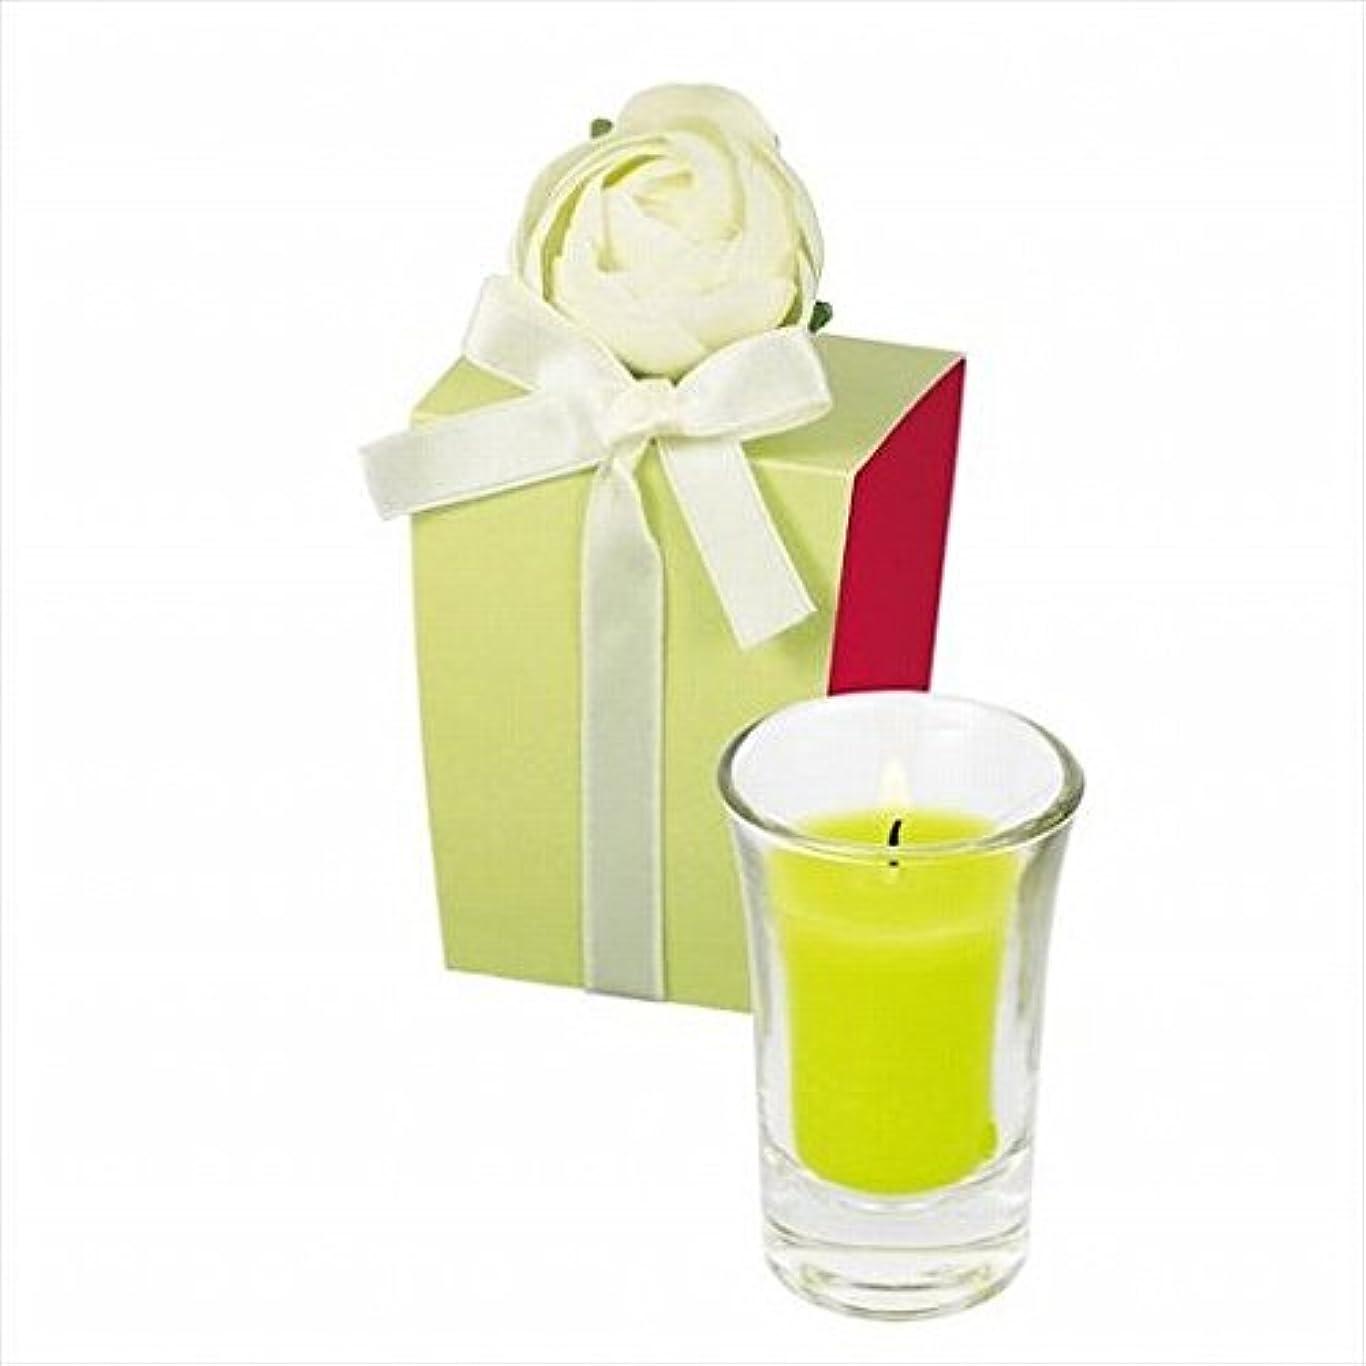 書き出すさておき他のバンドでkameyama candle(カメヤマキャンドル) ラナンキュラスグラスキャンドル 「 ライトグリーン 」(A9390500LG)